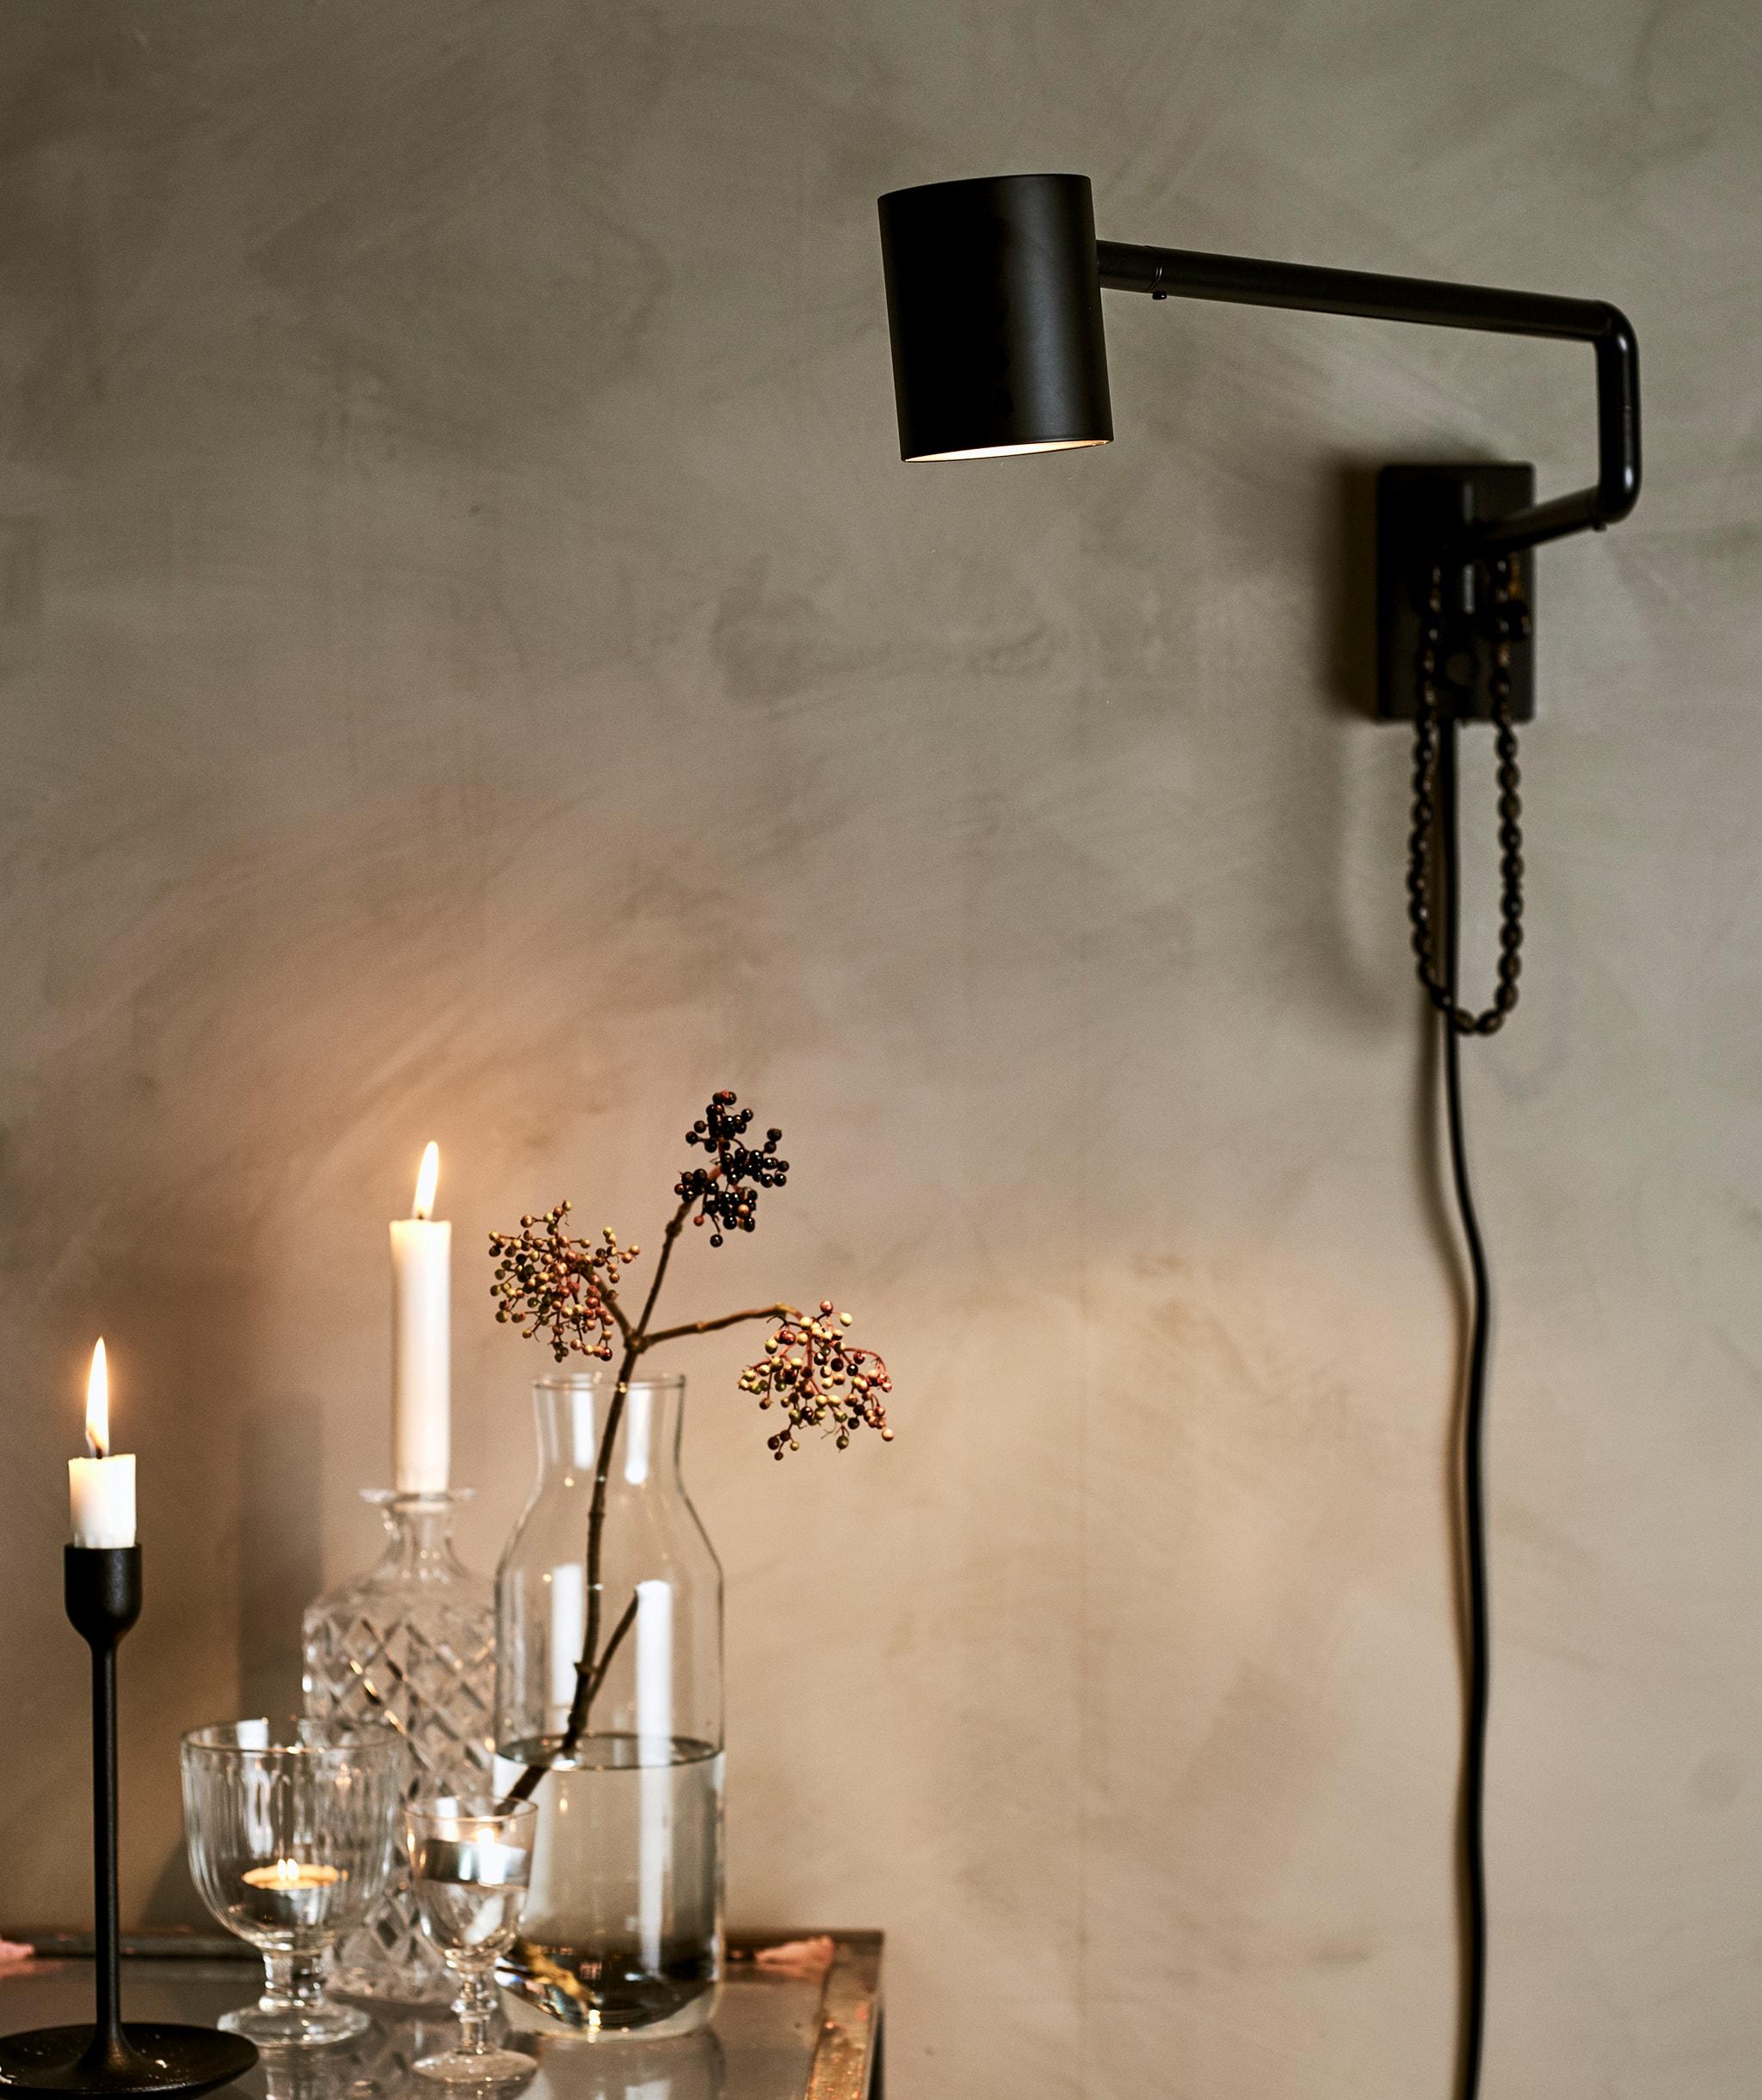 灰色牆上裝有一盞黑色壁燈,照亮玻璃檯上的各種玻璃器皿、蠟燭和茶燭。